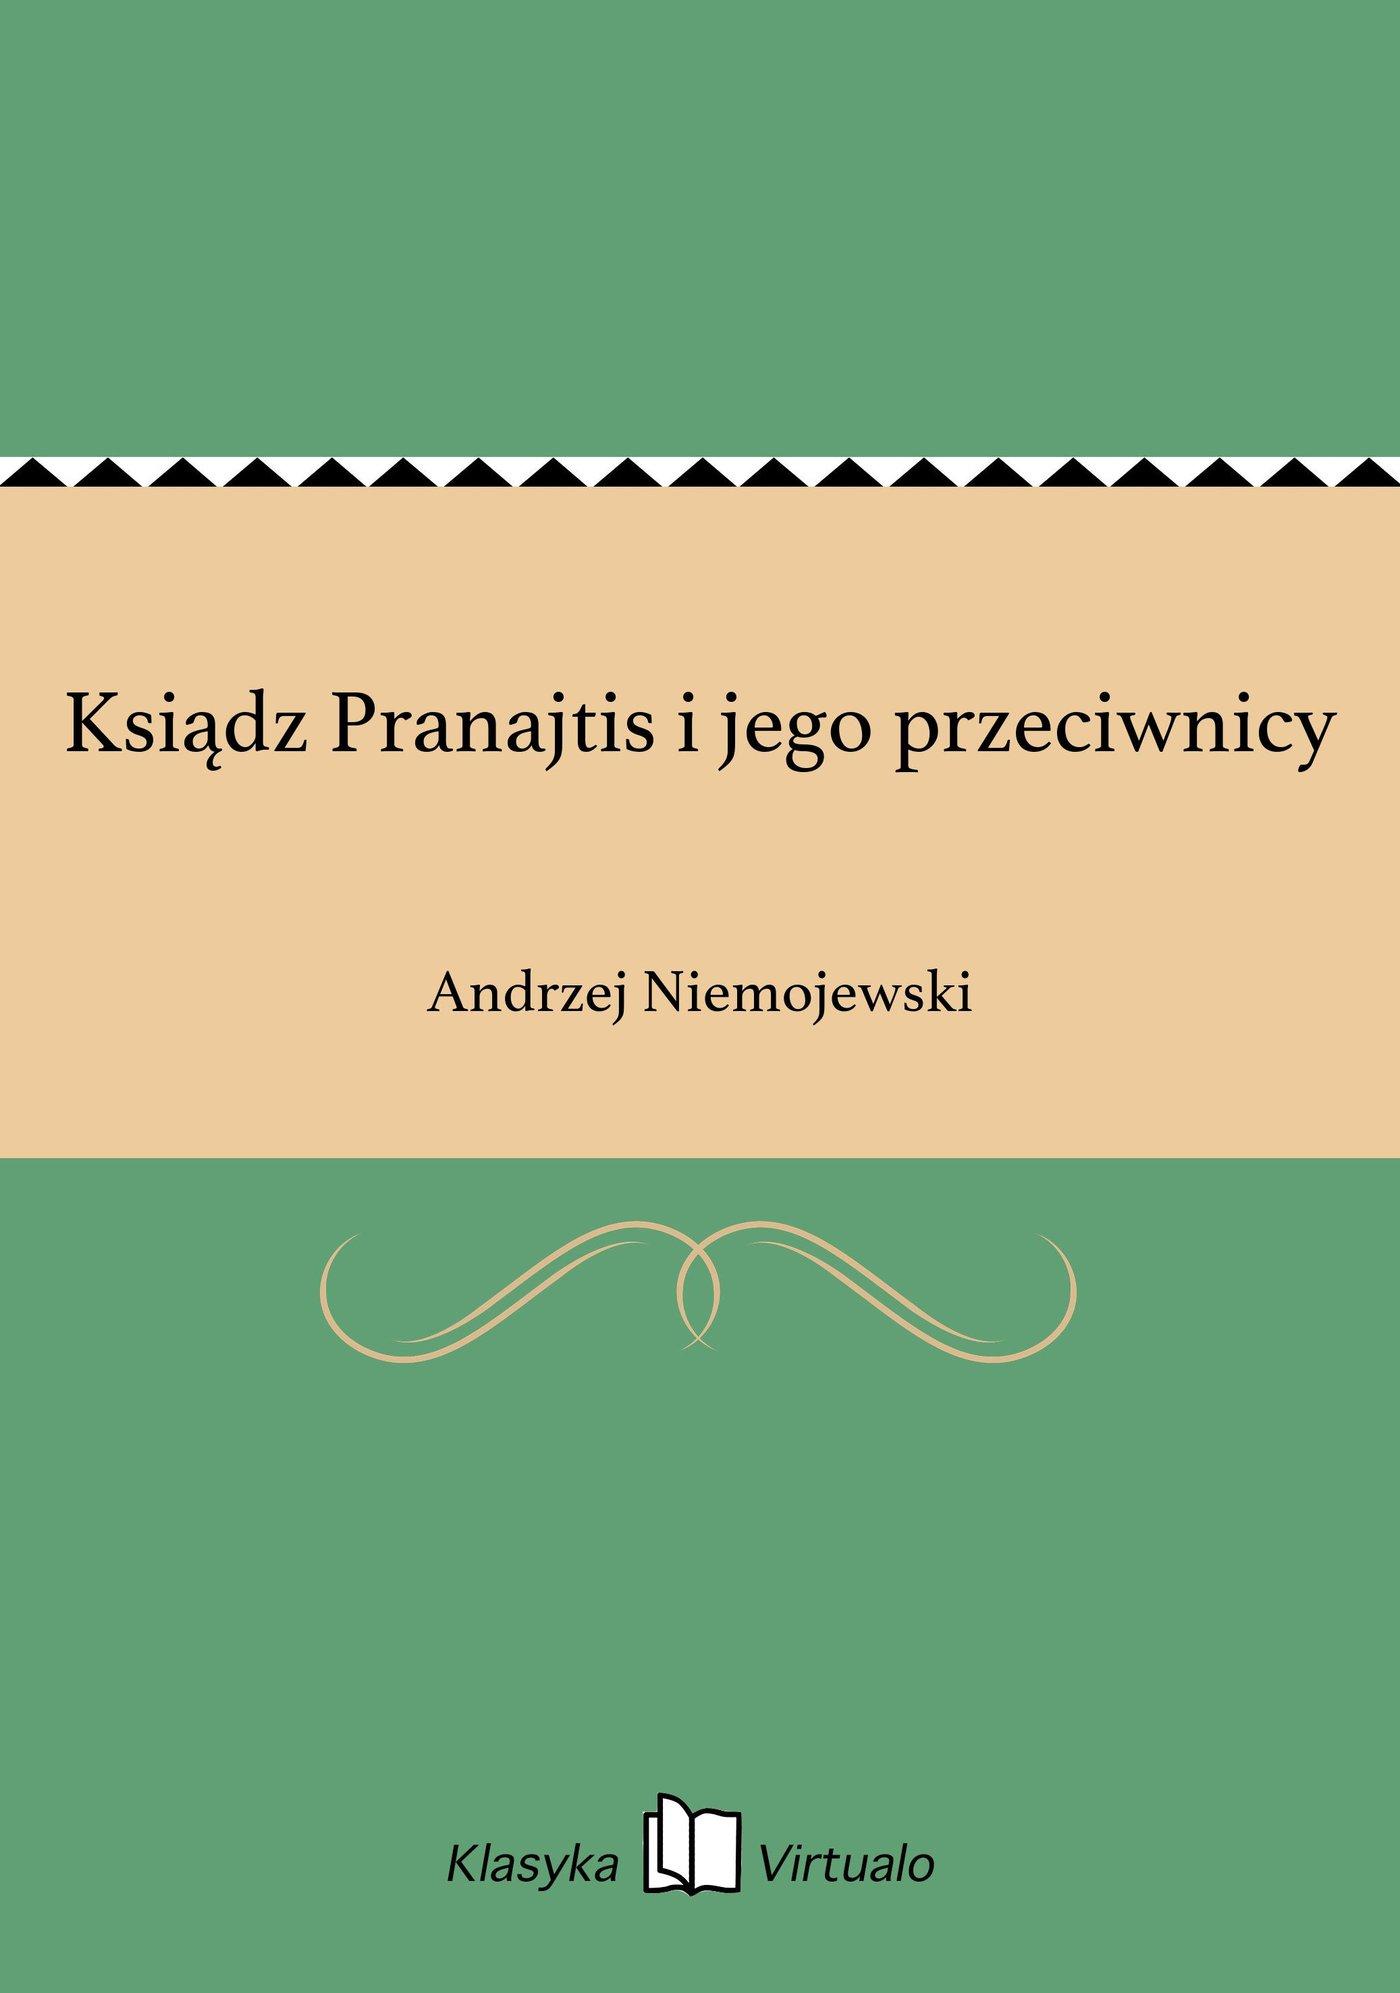 Ksiądz Pranajtis i jego przeciwnicy - Ebook (Książka EPUB) do pobrania w formacie EPUB